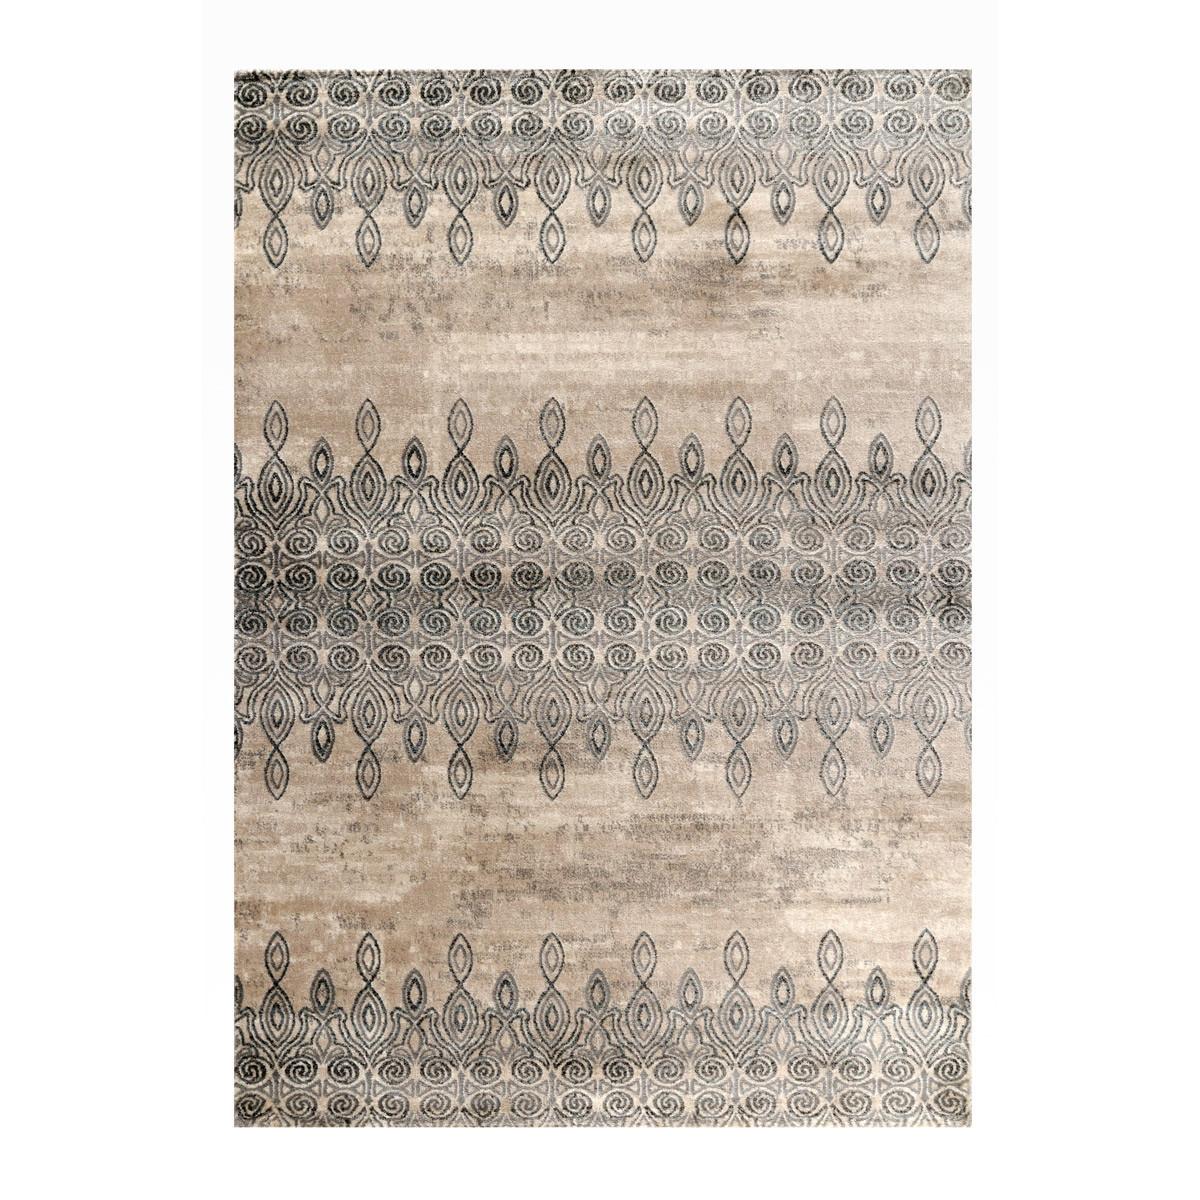 Χαλιά Κρεβατοκάμαρας (Σετ 3τμχ) Tzikas Carpets Memphis 13165-695